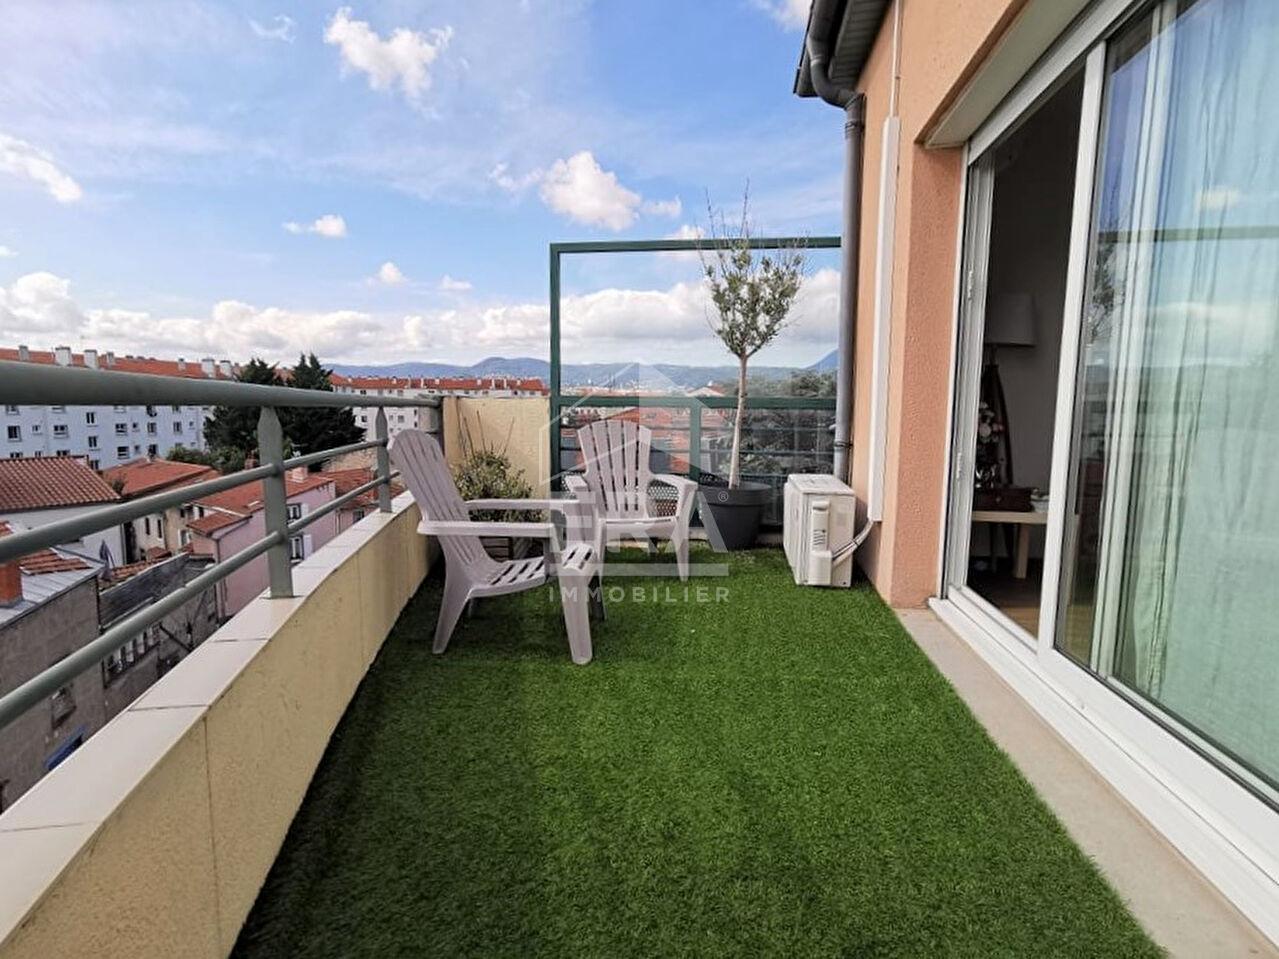 Appartement a vendre clermont ferrand 5 pi ces 153 m vente maison - Garage land rover clermont ferrand ...